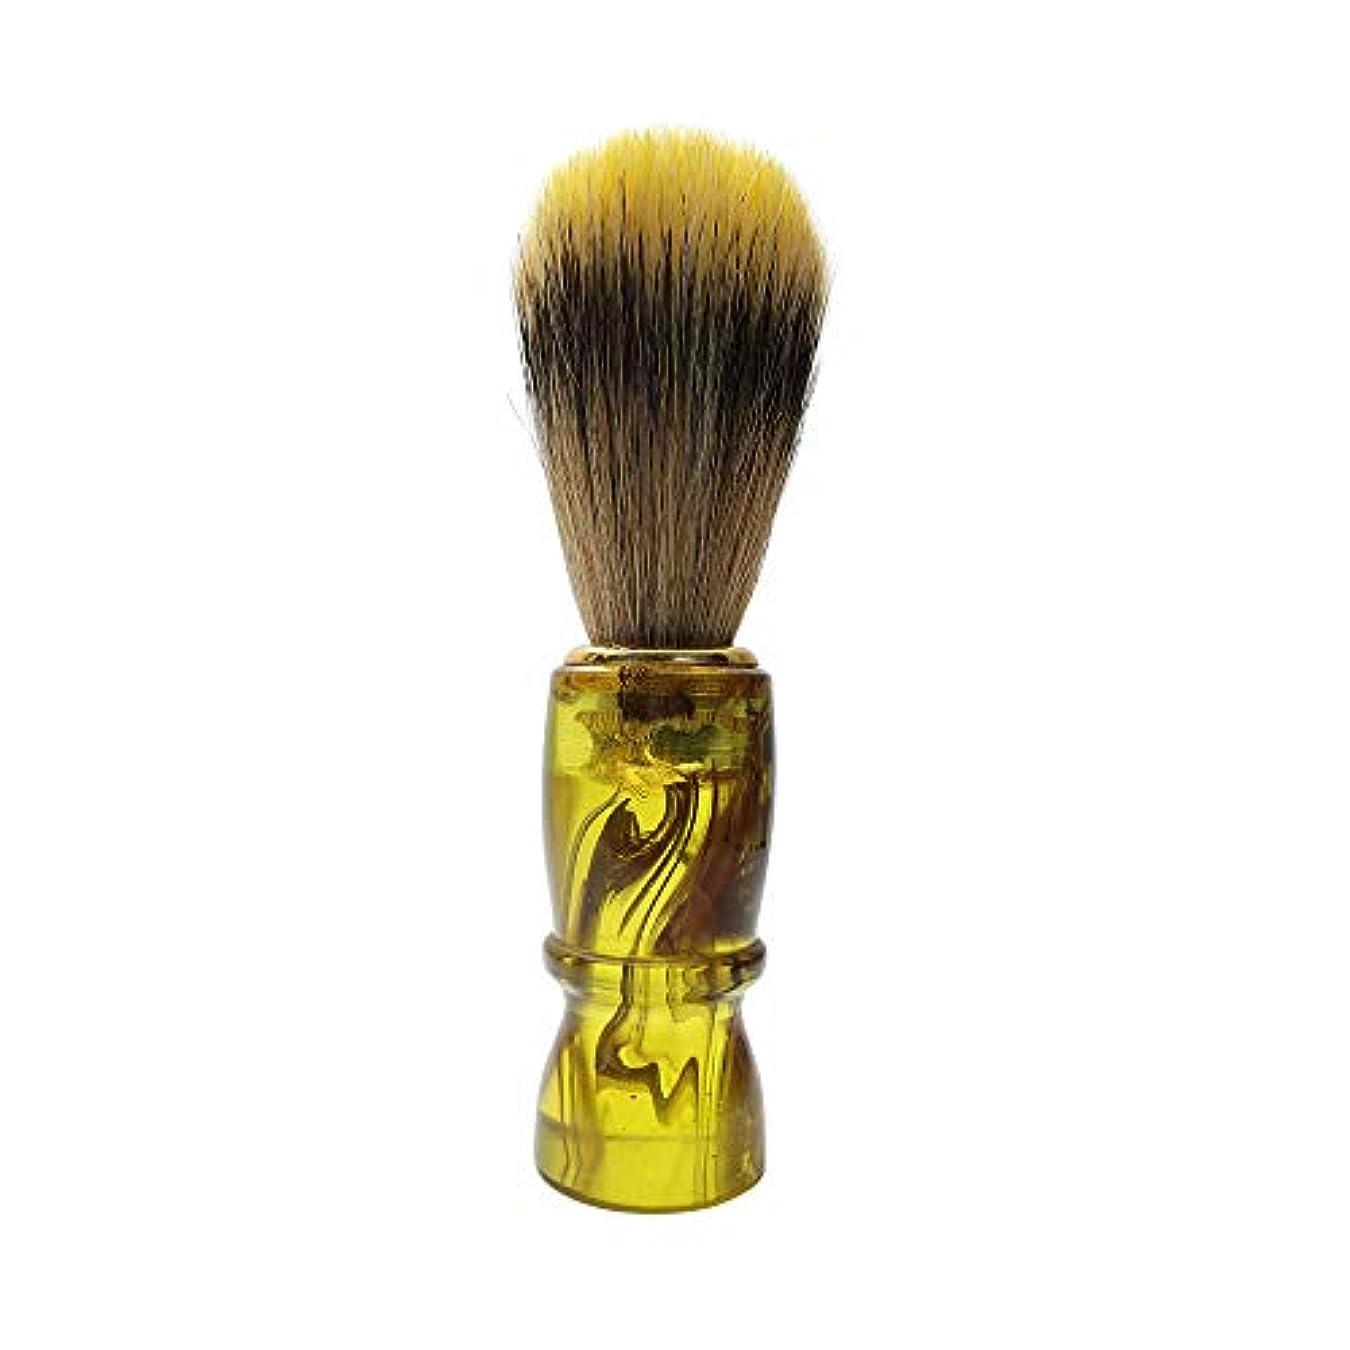 グループラベルストロークSRS三信 ヒゲブラシ タイプA 髭剃り シェービング用ブラシ 狸毛